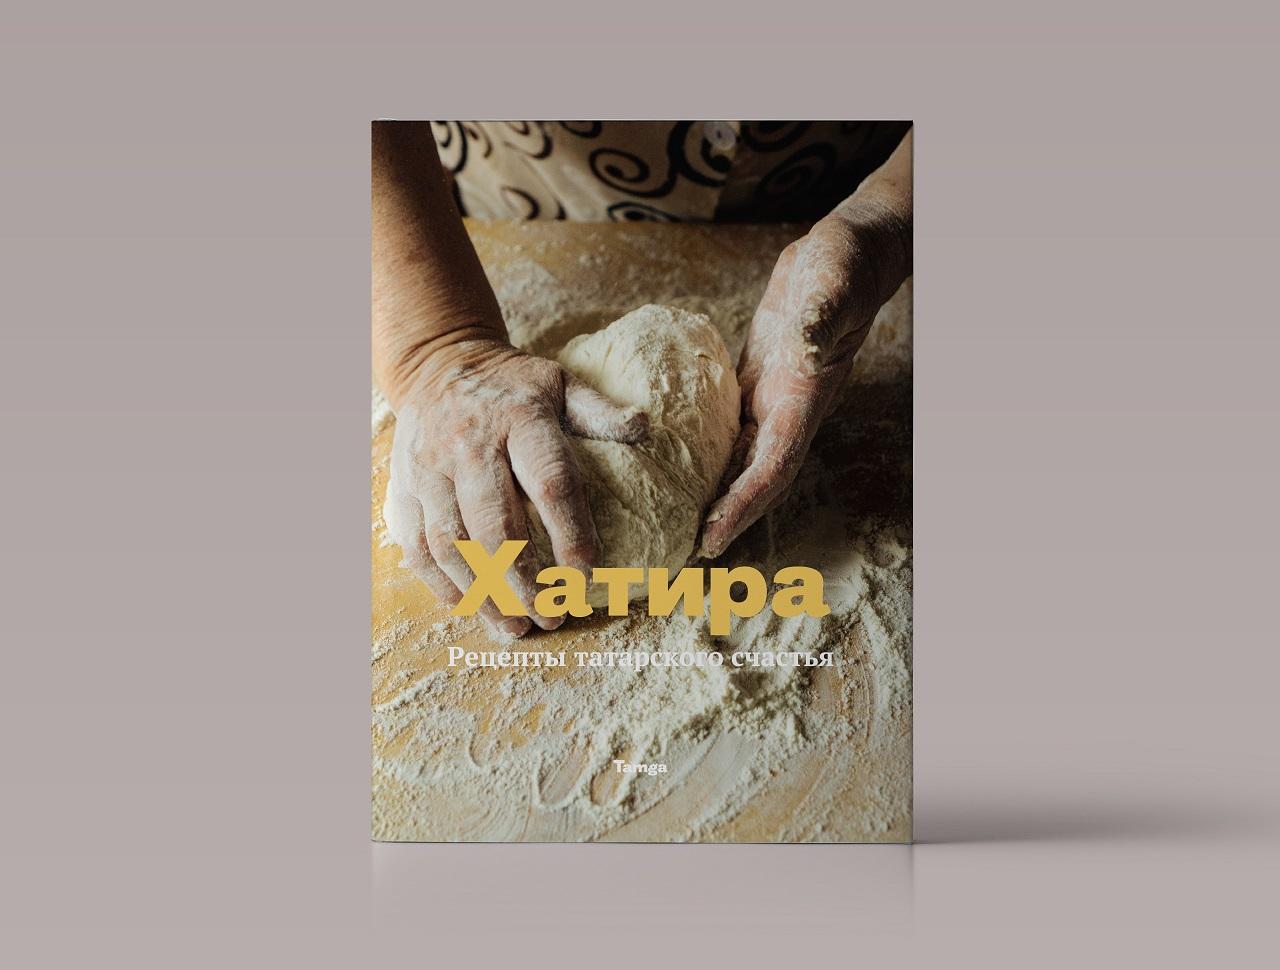 Книга «Хатира. Рецепты татарского счастья»